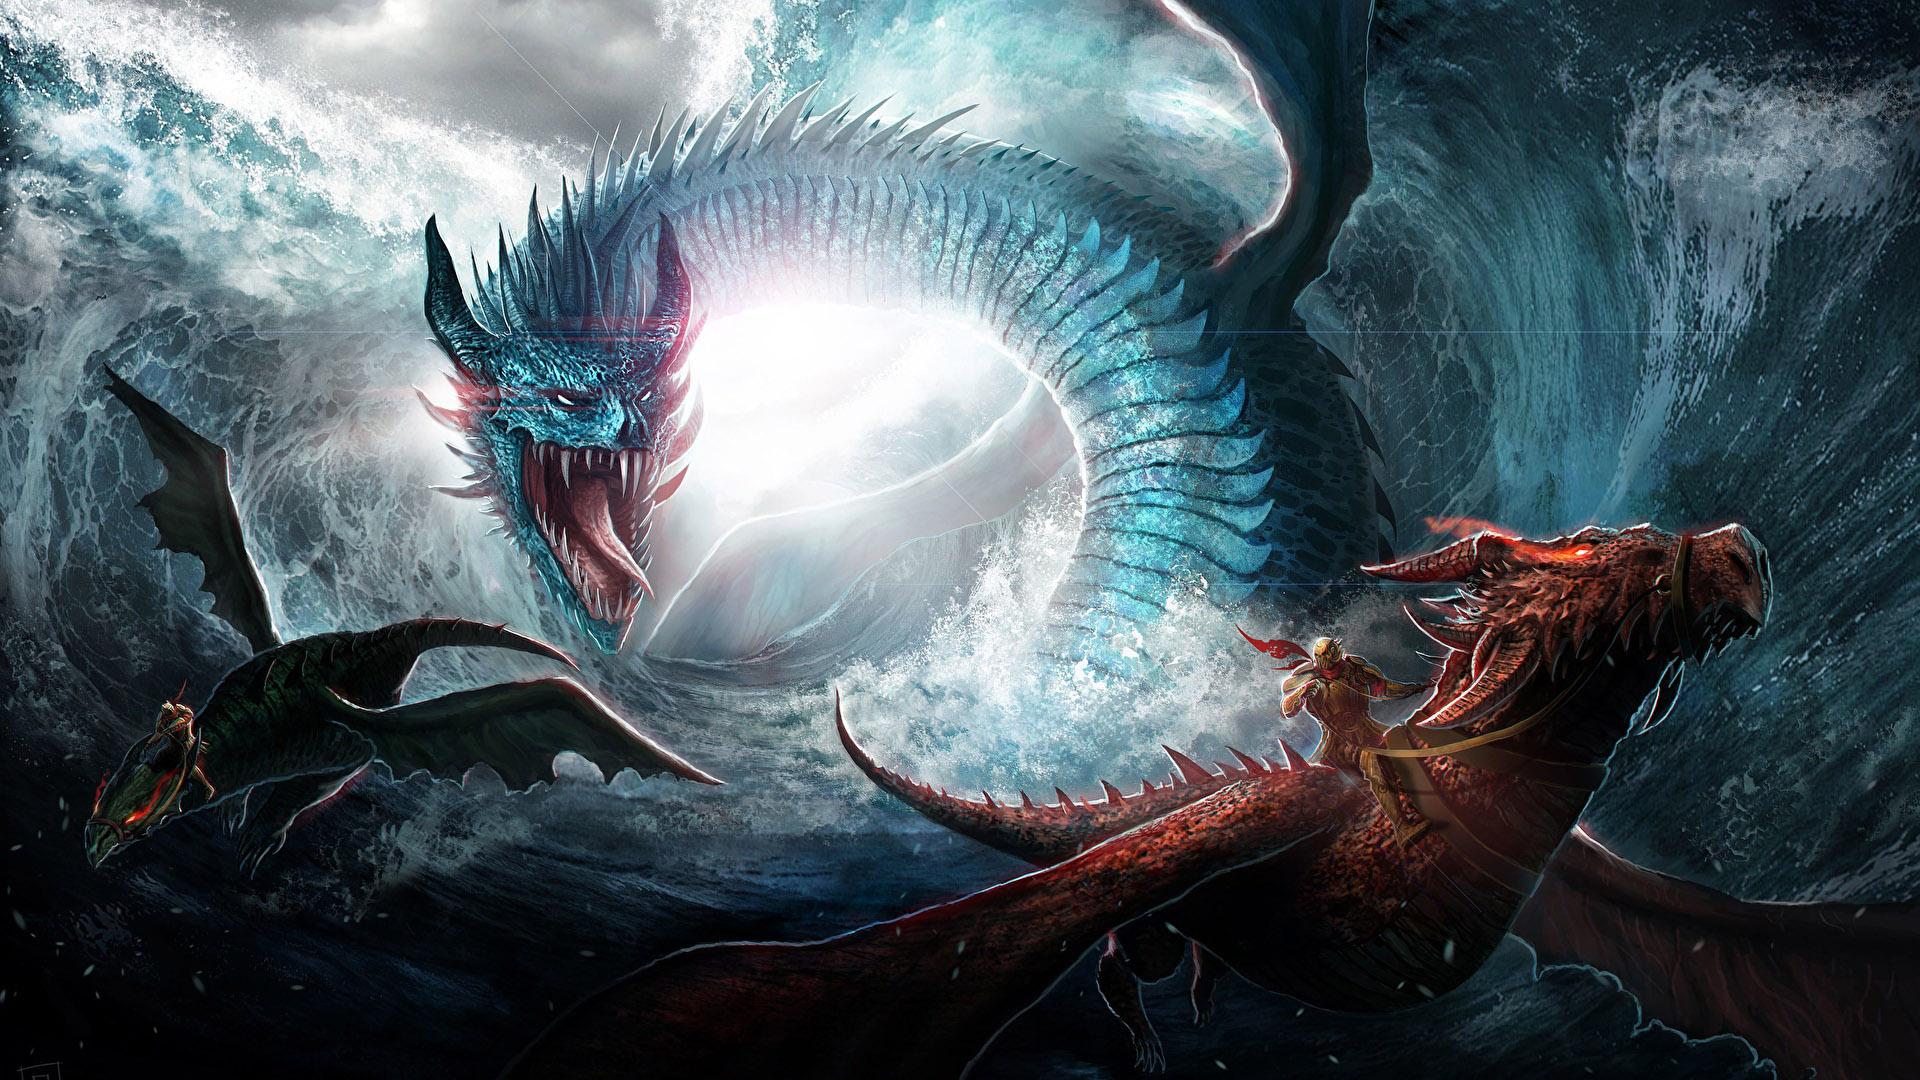 Красивые обои и картинки драконов для рабочего стола - подборка 4